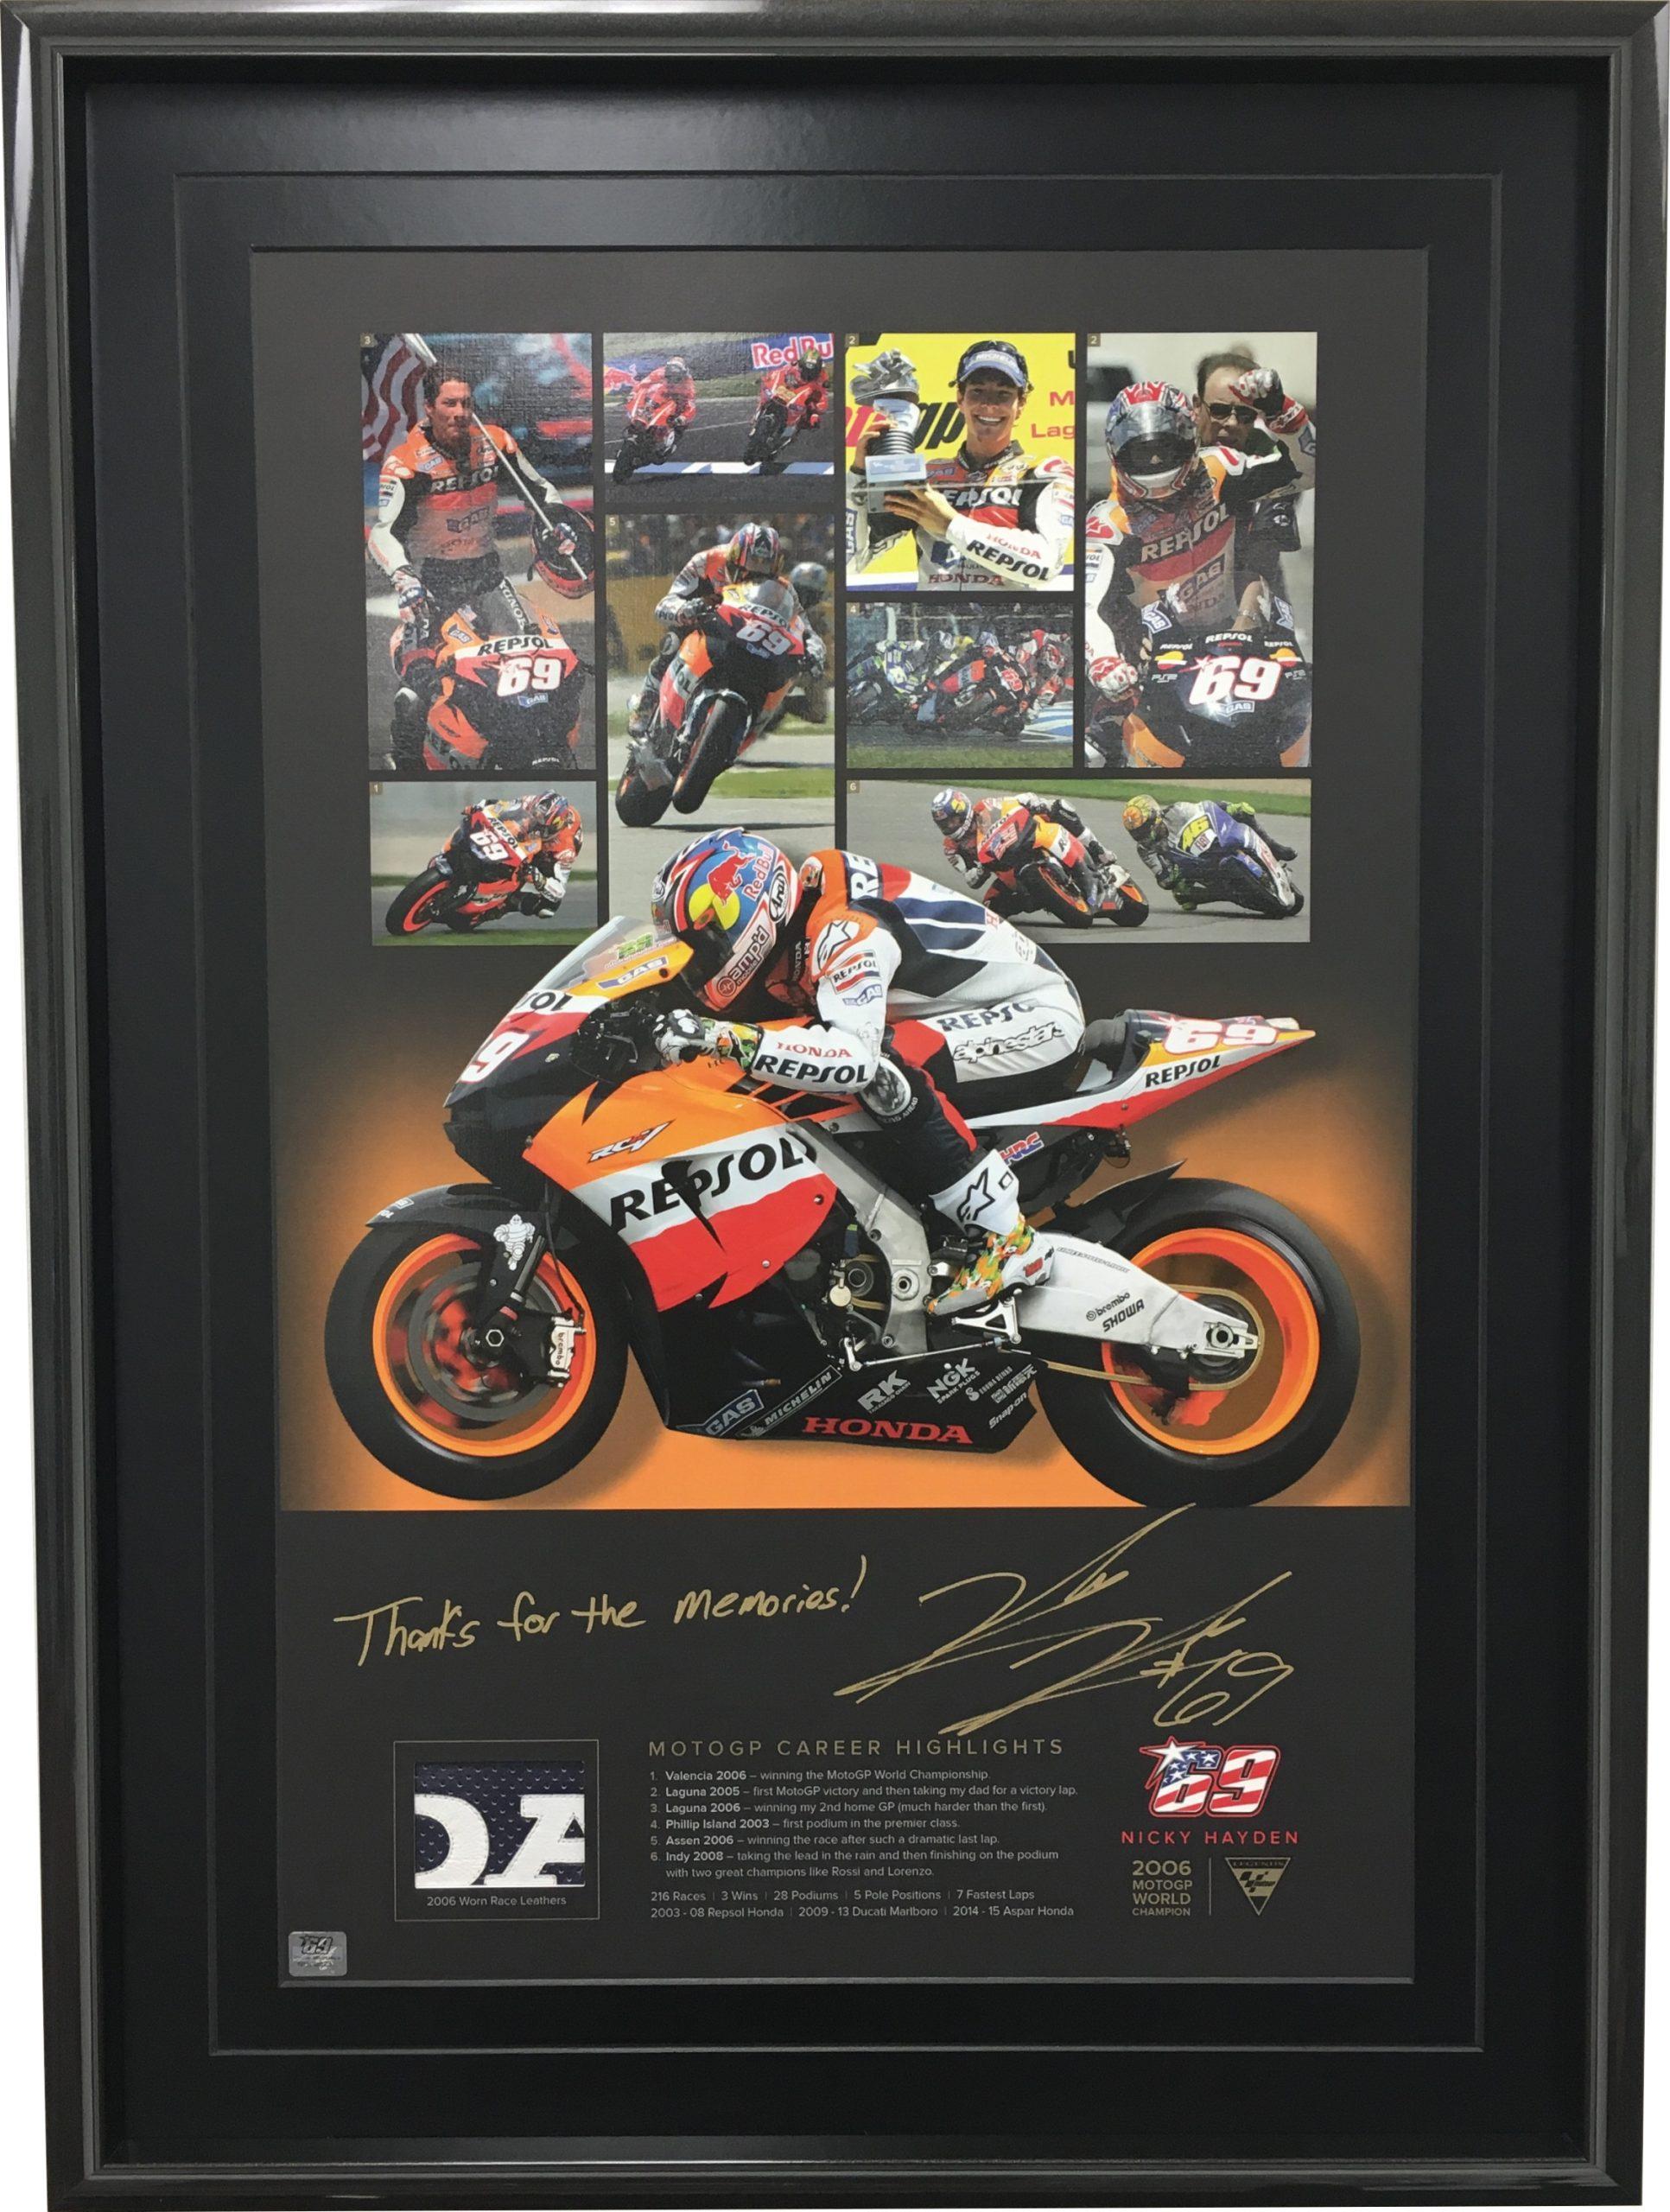 Nicky Hayden Motogp Memories Autographed Collectables